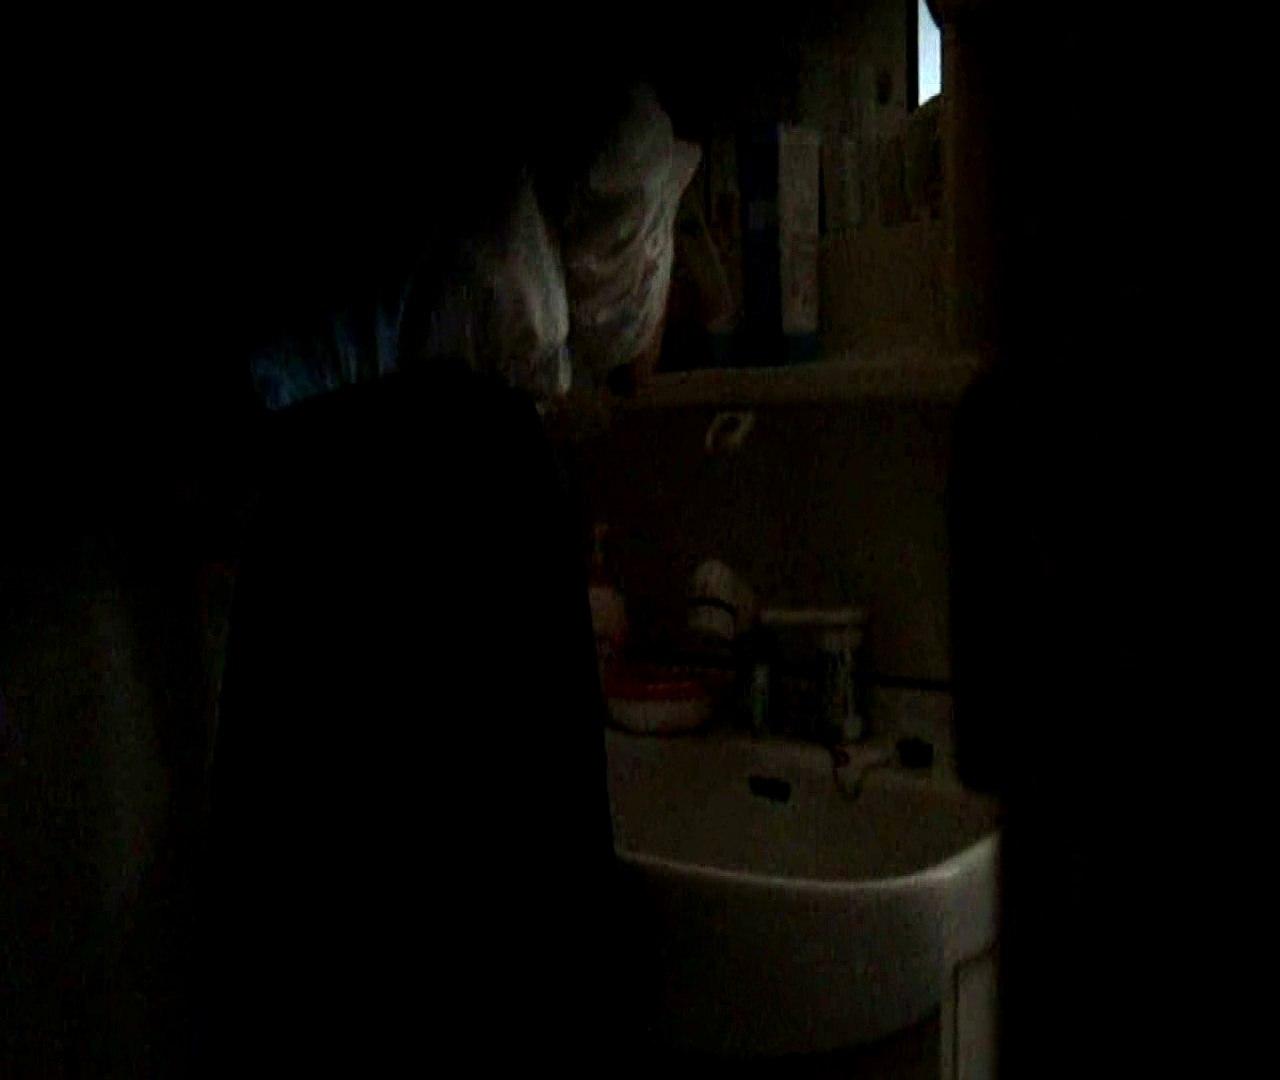 二人とも育てた甲斐がありました… vol.05 まどかが洗顔後にブラを洗濯 盗撮特集   おまんこ  86画像 25